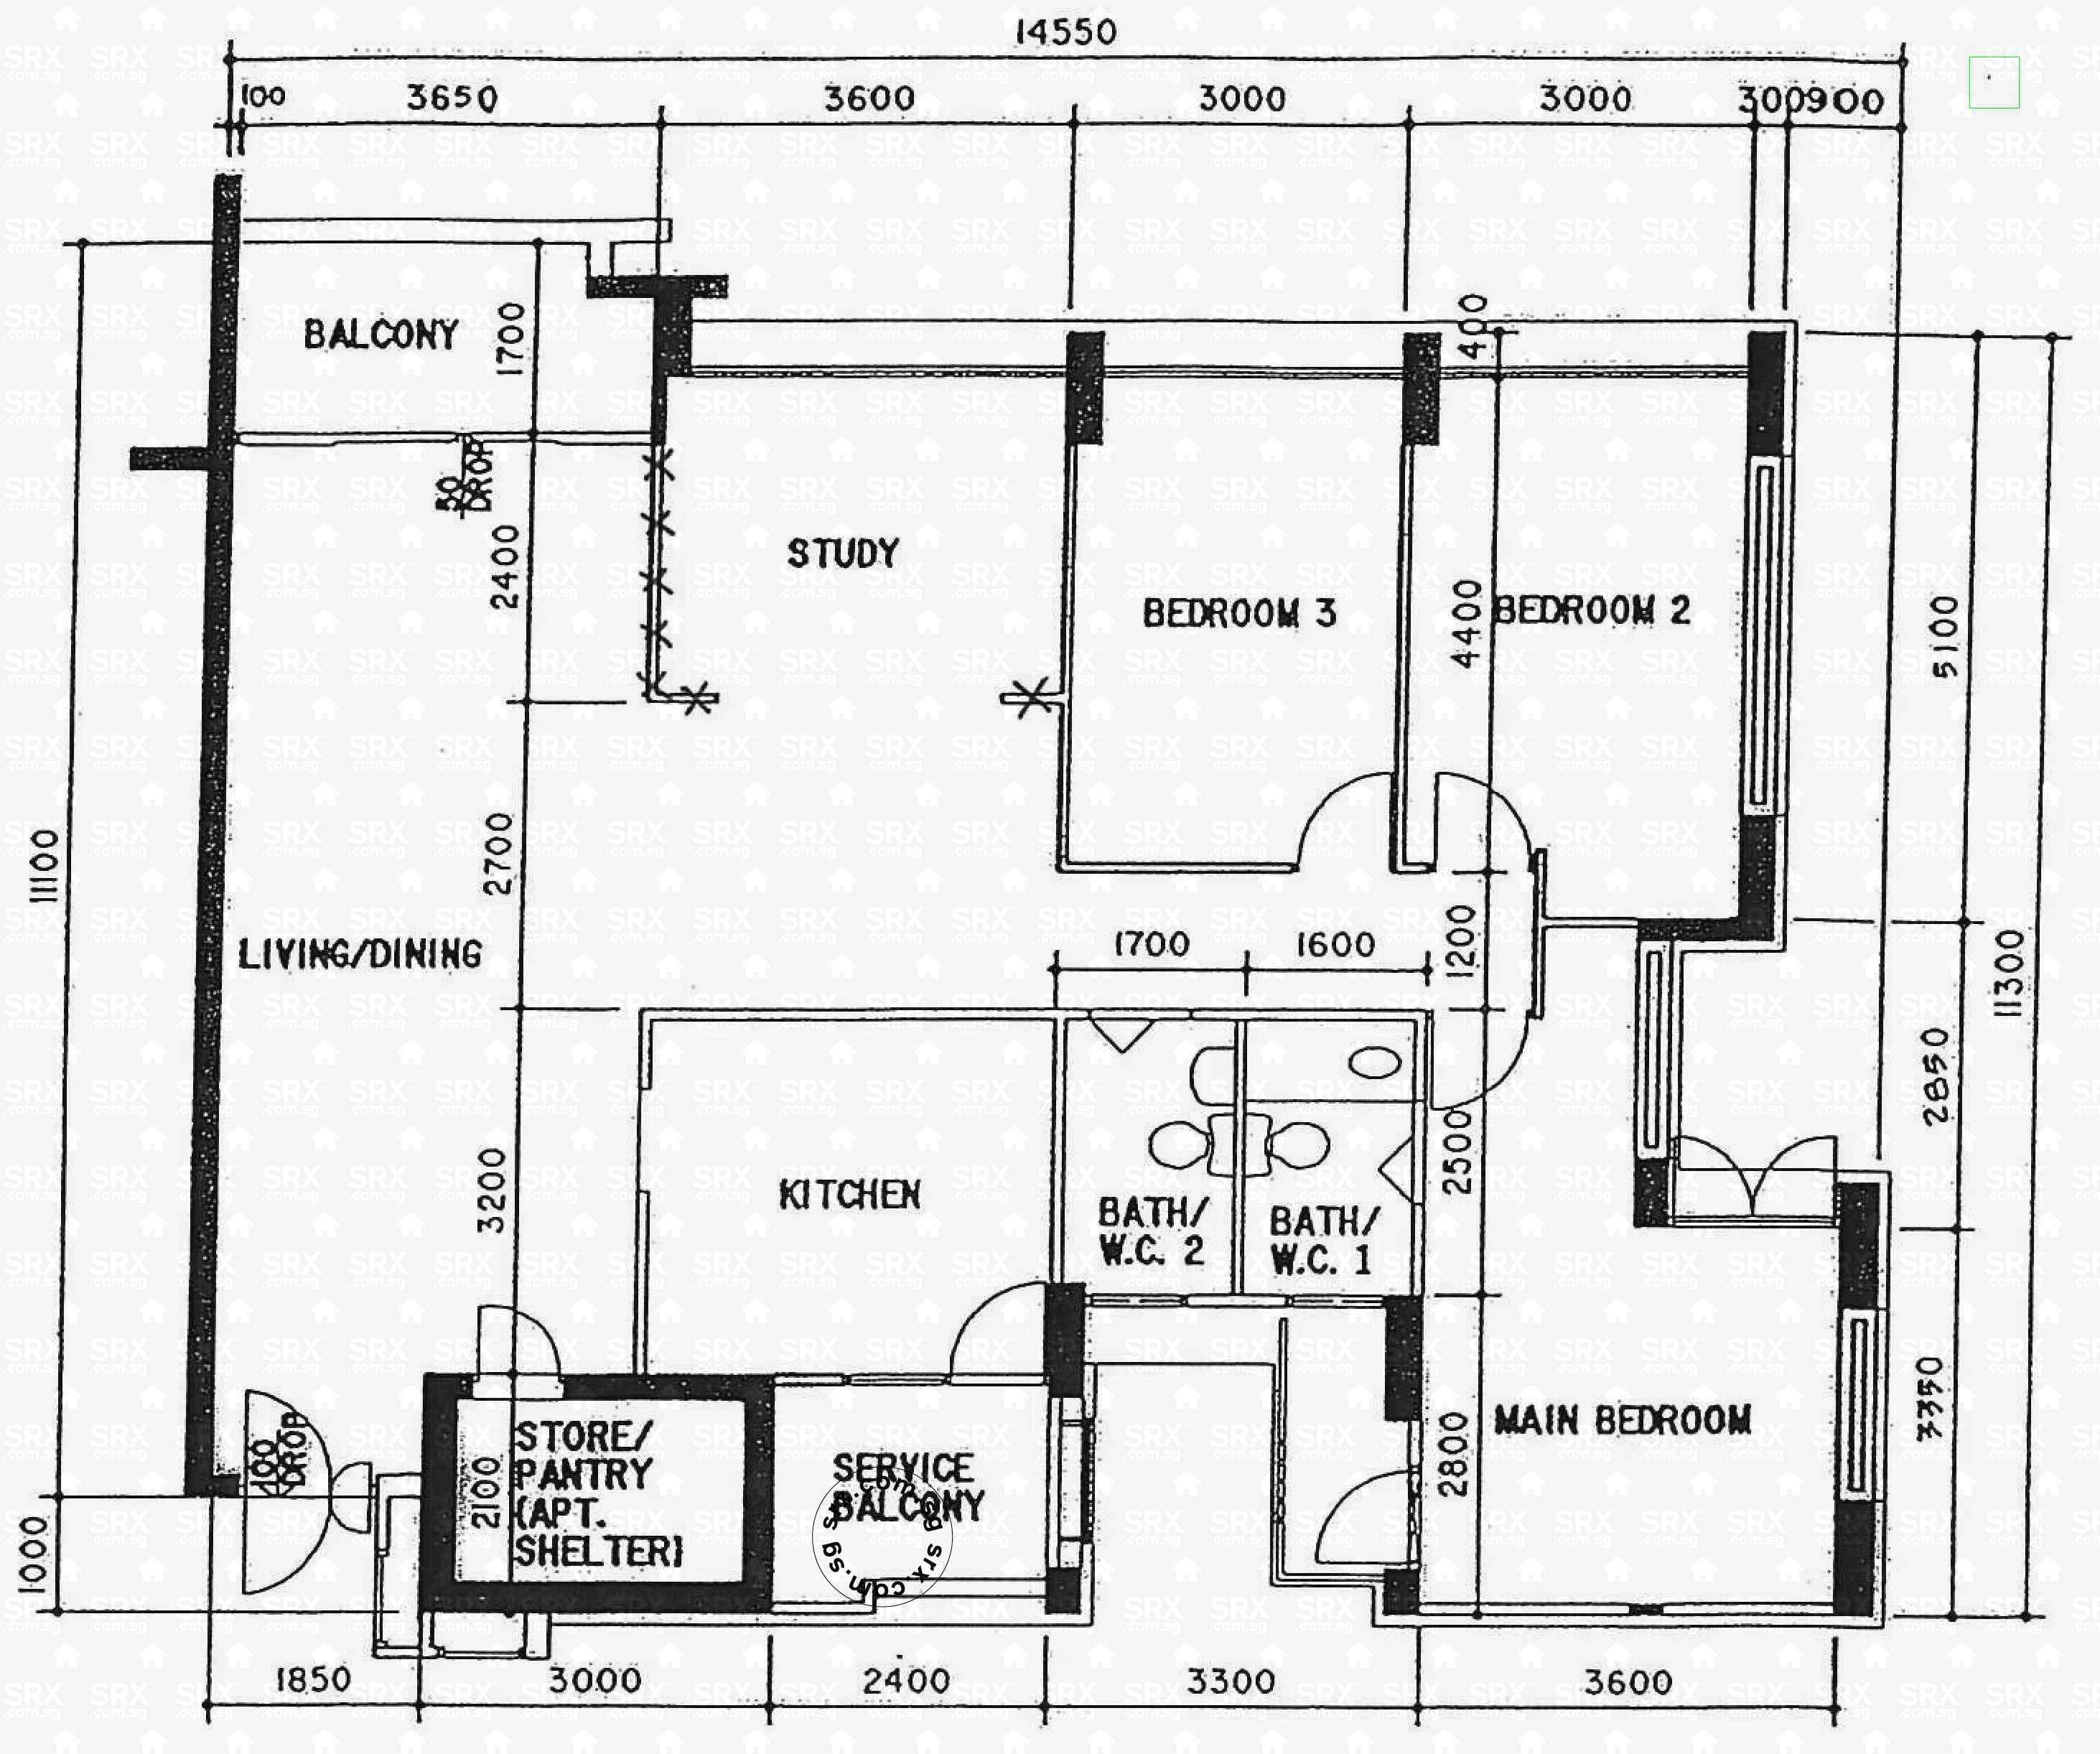 Floor plans for woodlands crescent hdb details srx property for 1077 marinaside crescent floor plan